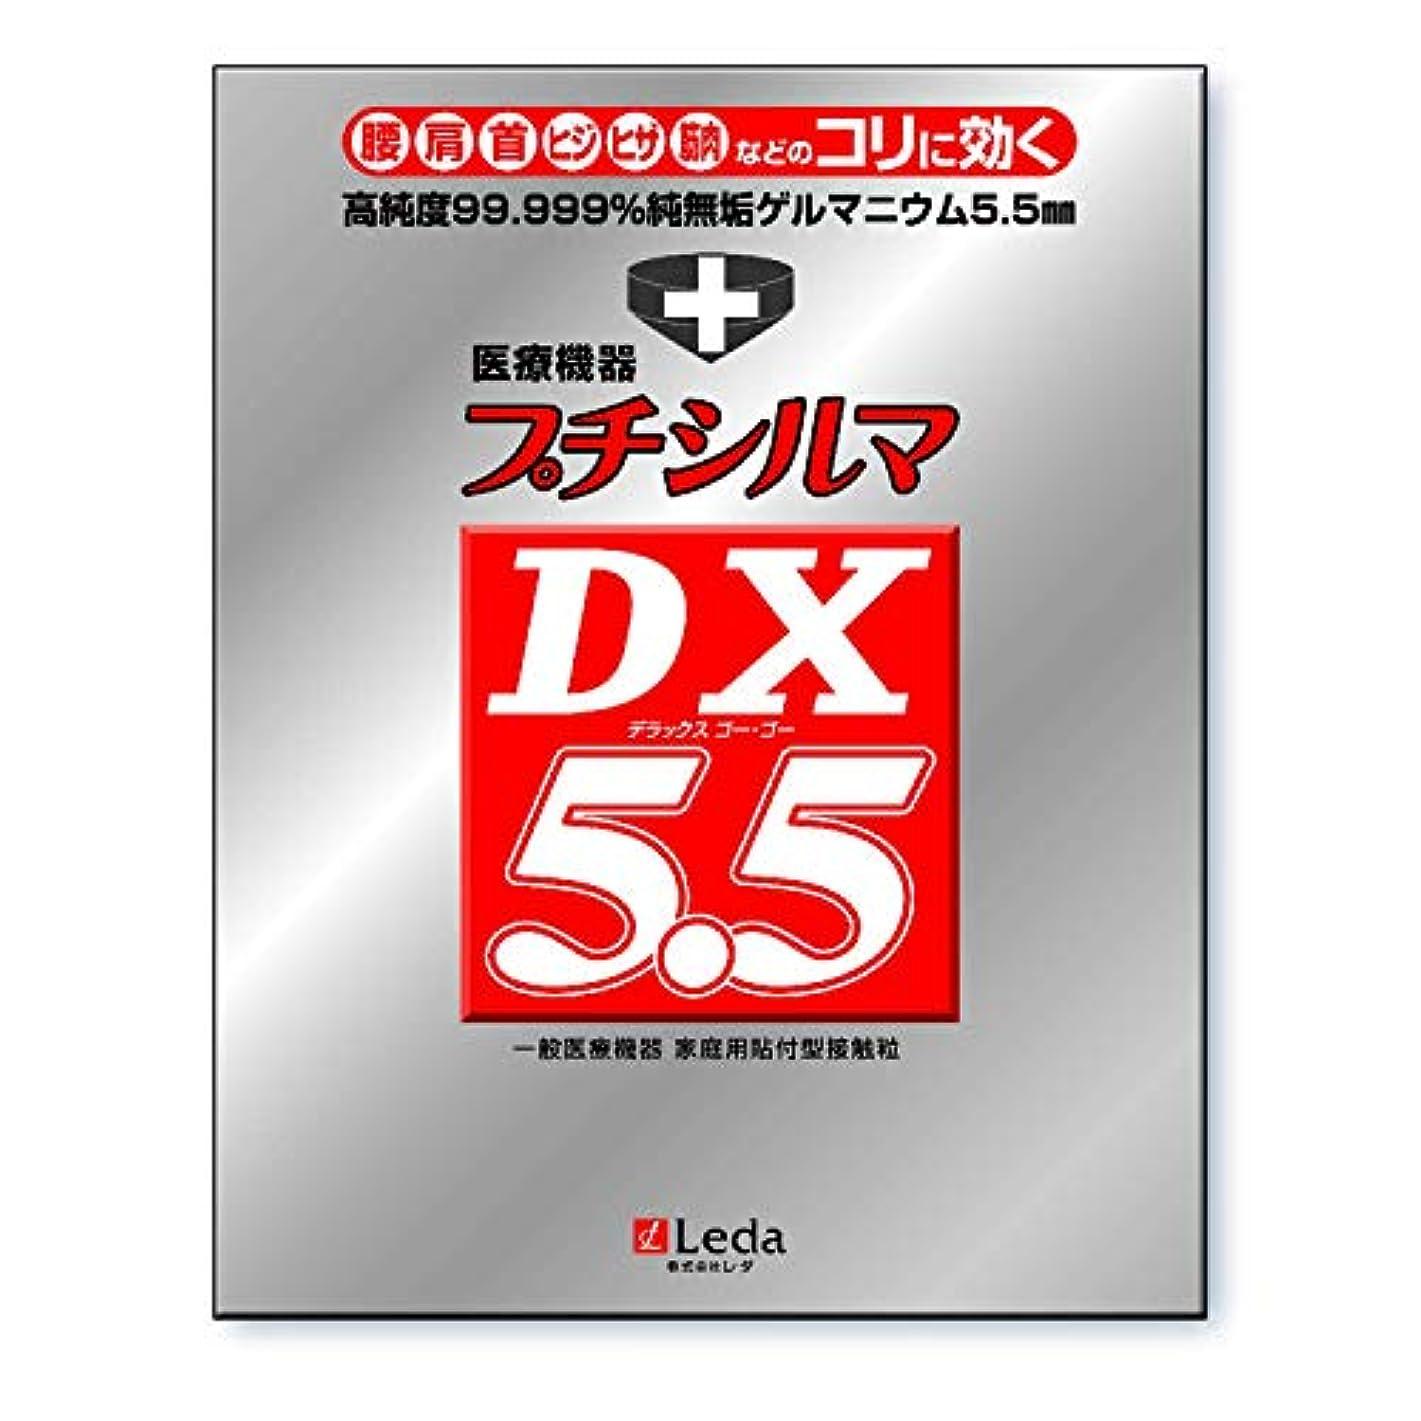 石灰岩助けて技術プチシルマDX 5.5 お徳用替えプラスター200枚付き